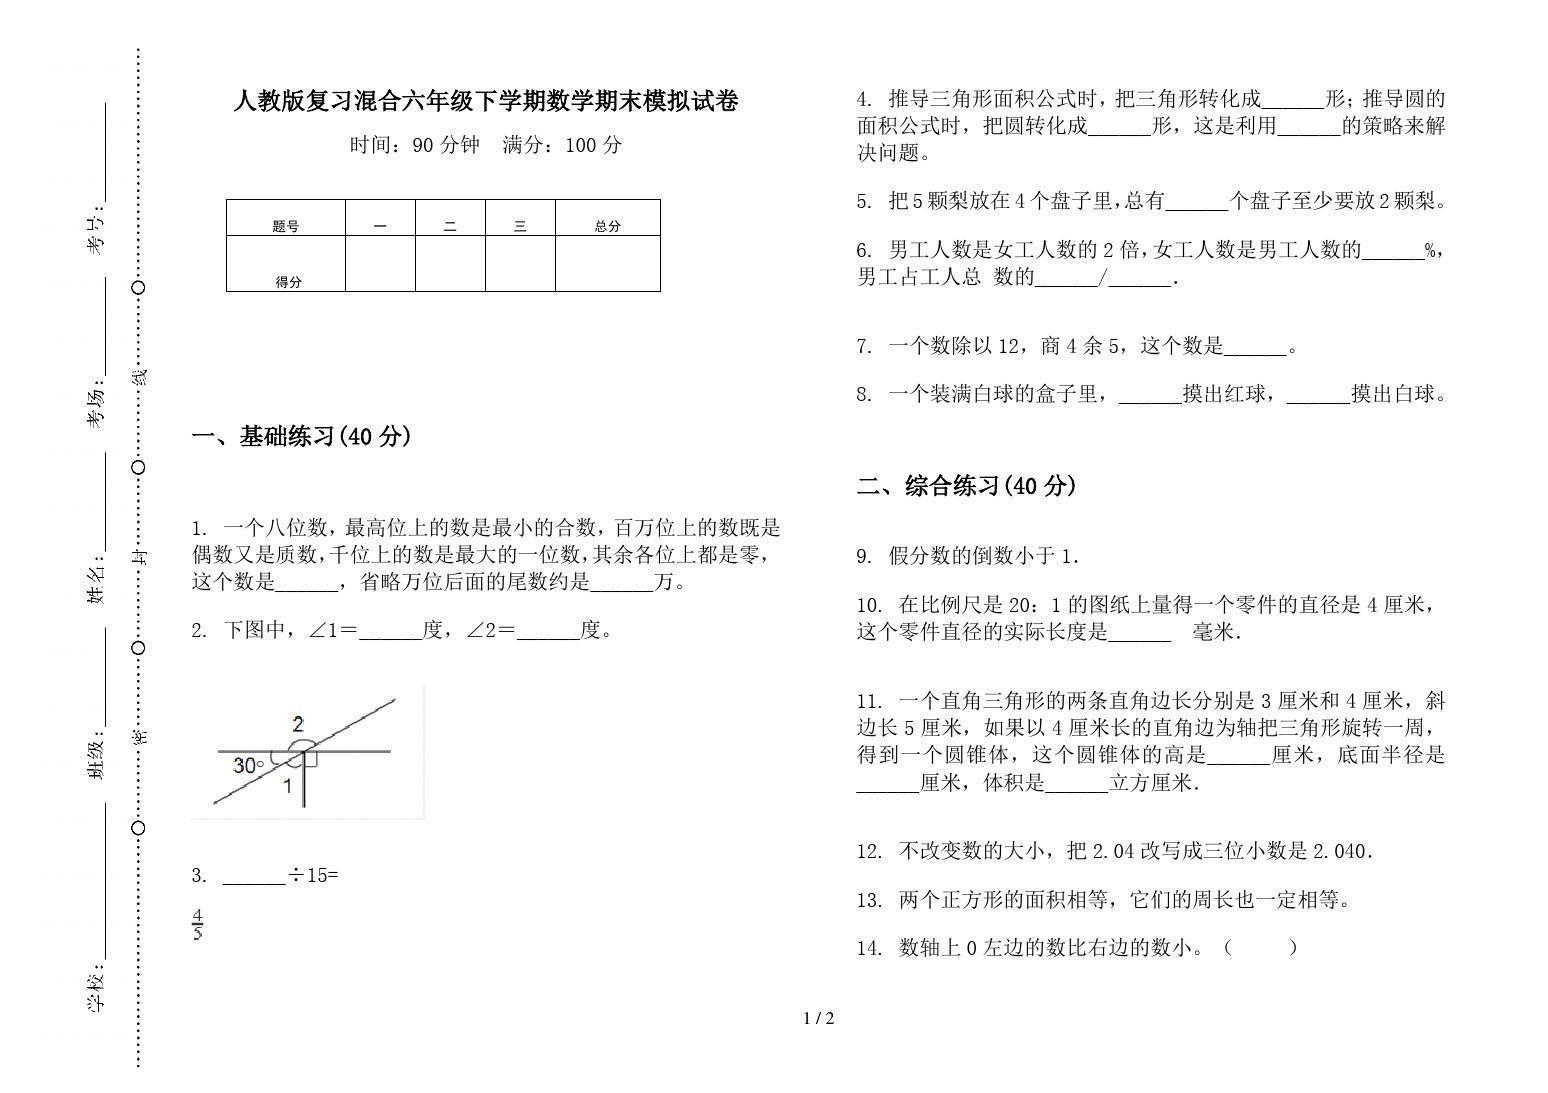 人教版復習混合六年級下學期數學期末模擬試卷答案